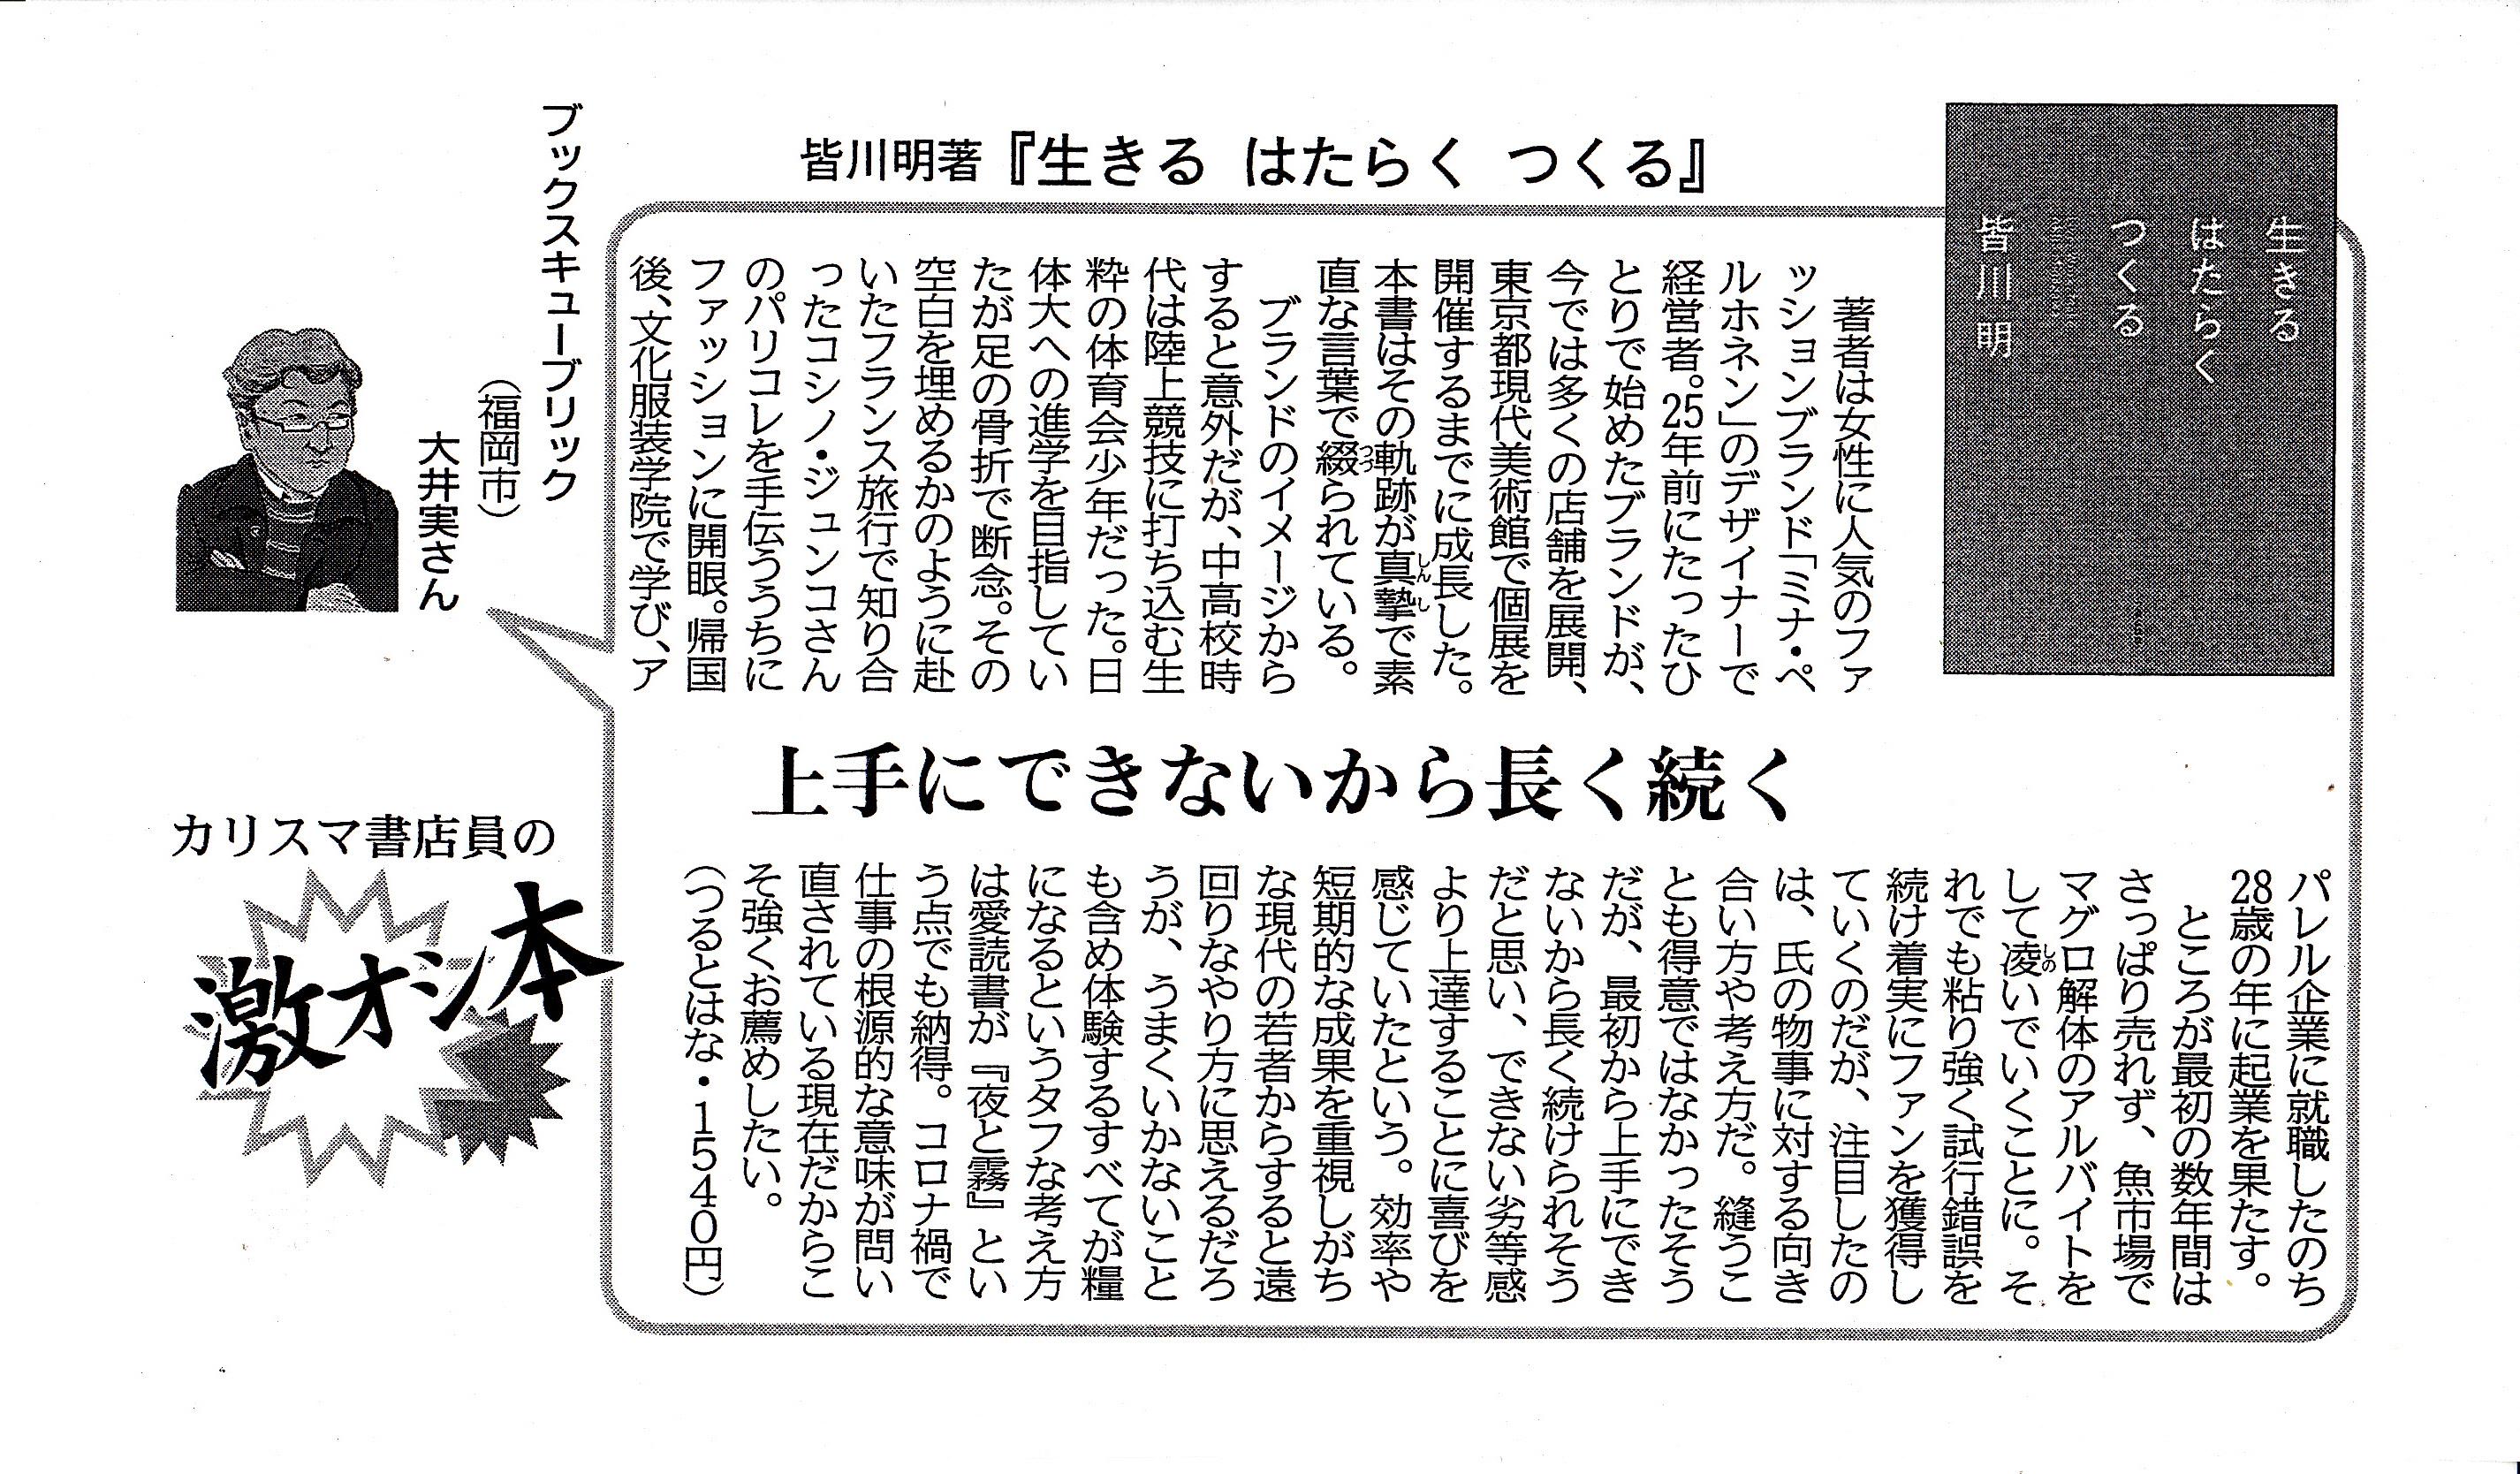 <第30回>西日本新聞「カリスマ書店員の激オシ本」に店主が寄稿しました。